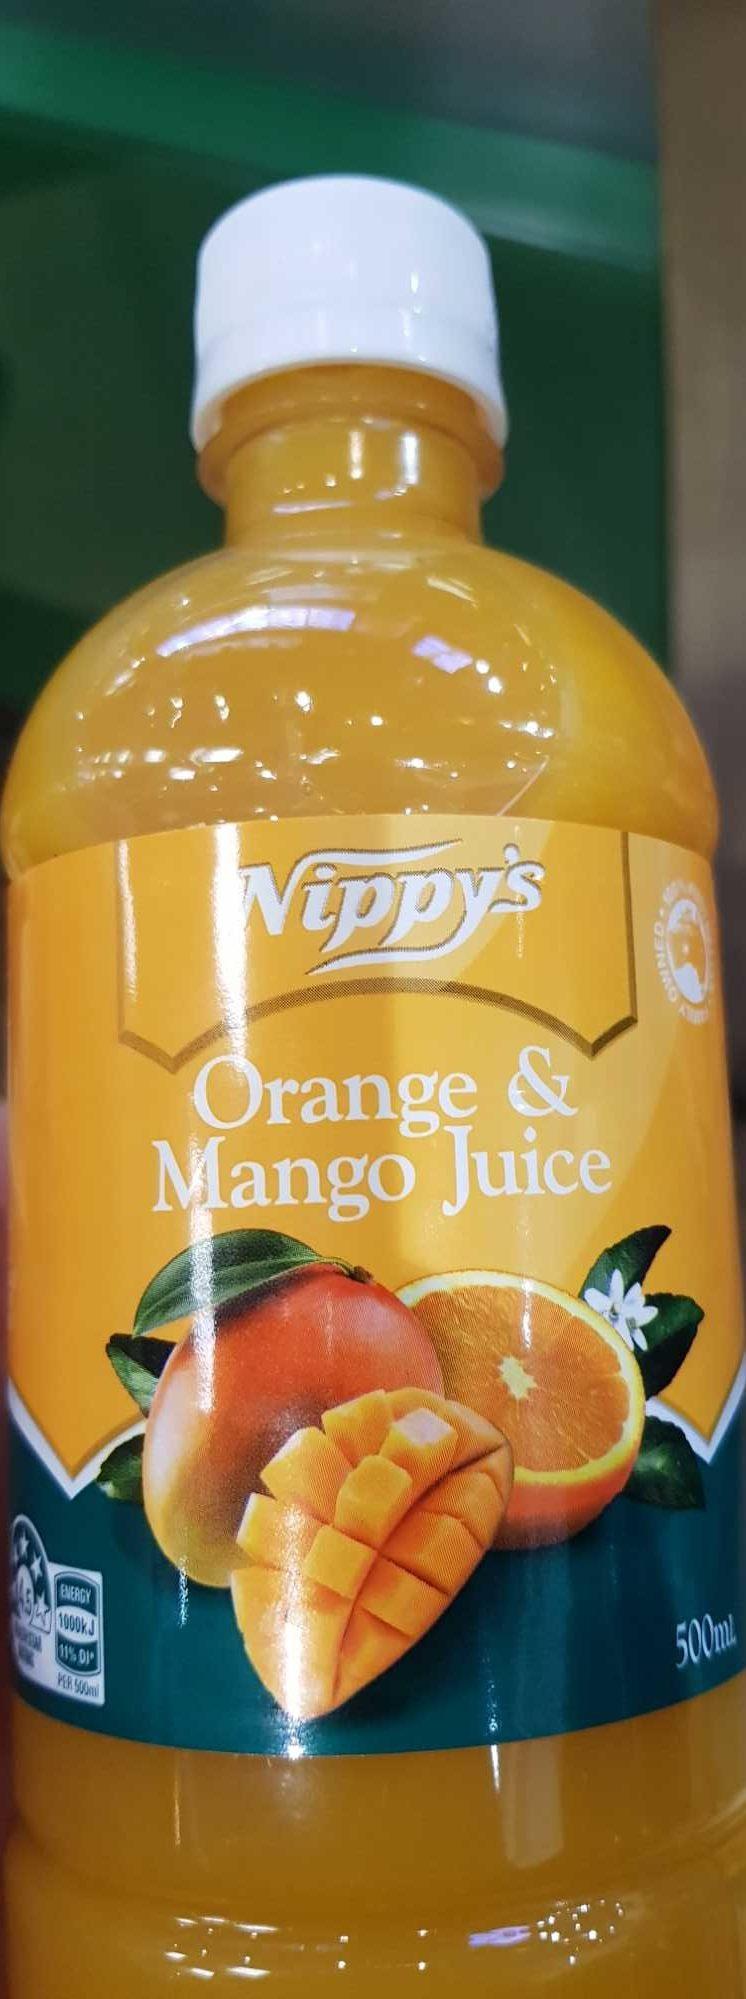 Nippy's Orange & Mango Juice - Product